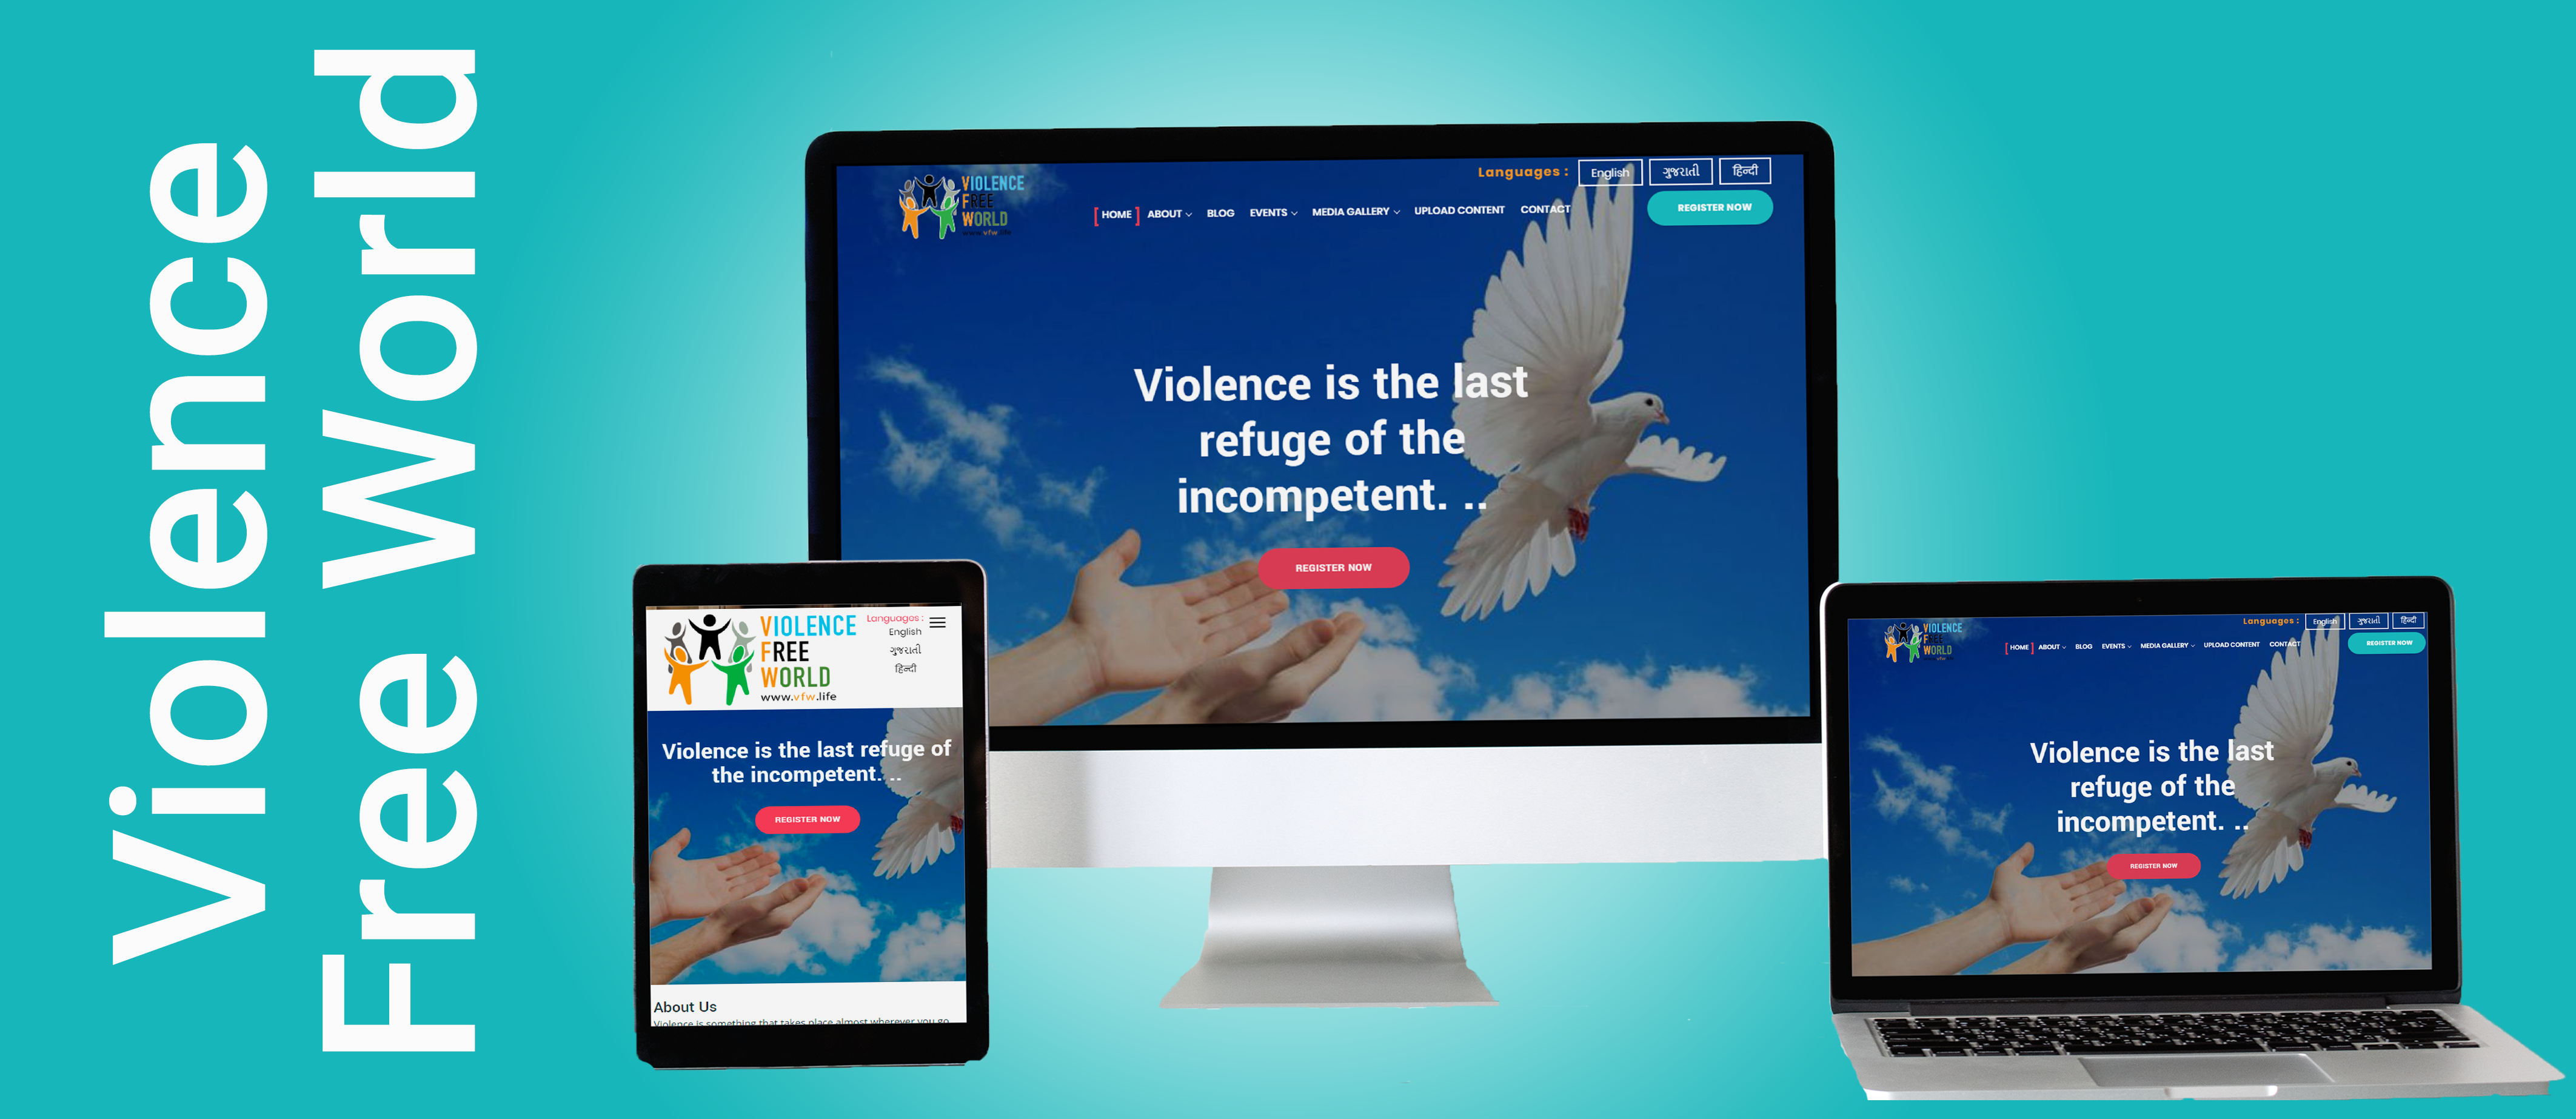 violence_banner-copy